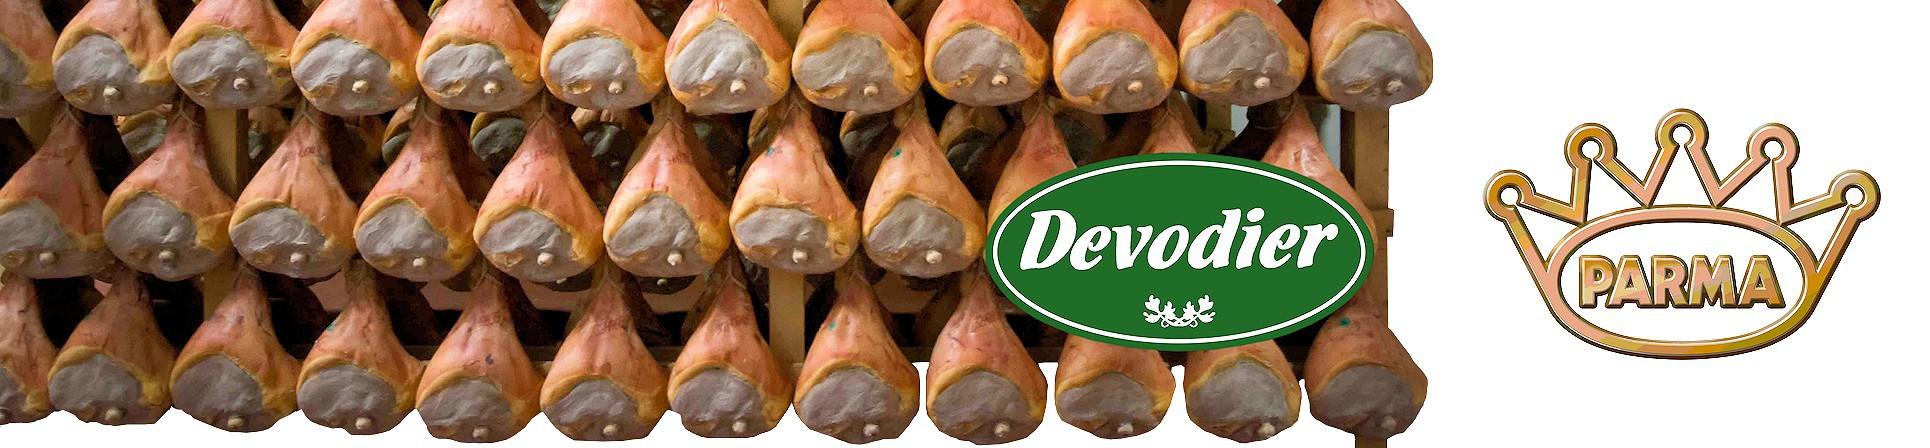 B2B GUSTOX - il Marketplace all'ingrosso delle eccellenze agroalimentari italiane - Prosciutto di Parma - DEVODIER